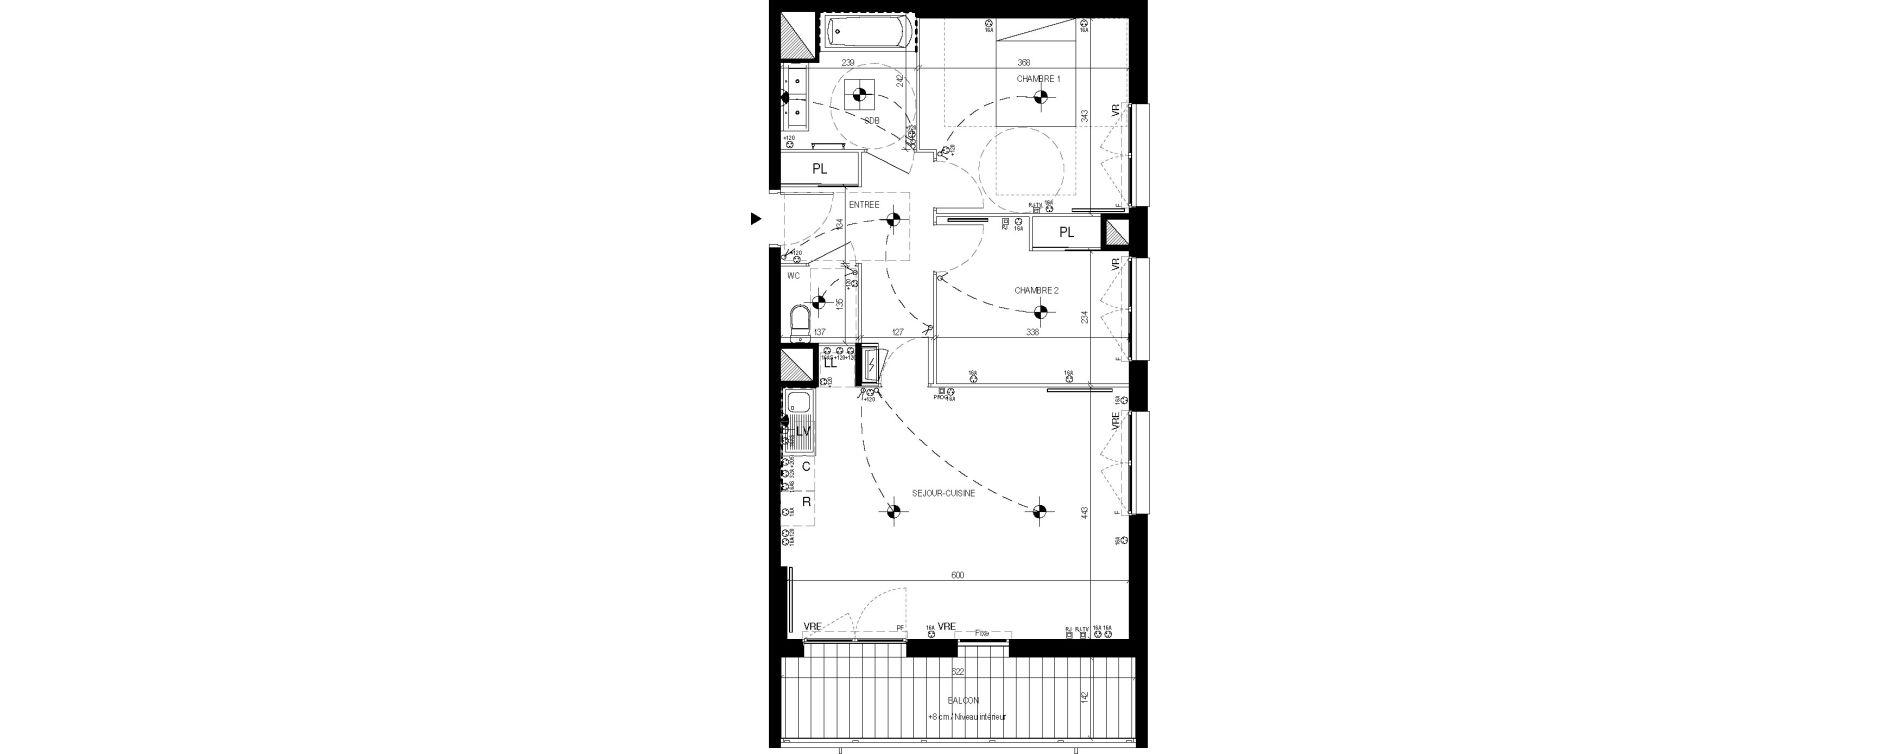 Appartement T3 de 64,05 m2 à Lingolsheim Les tanneries